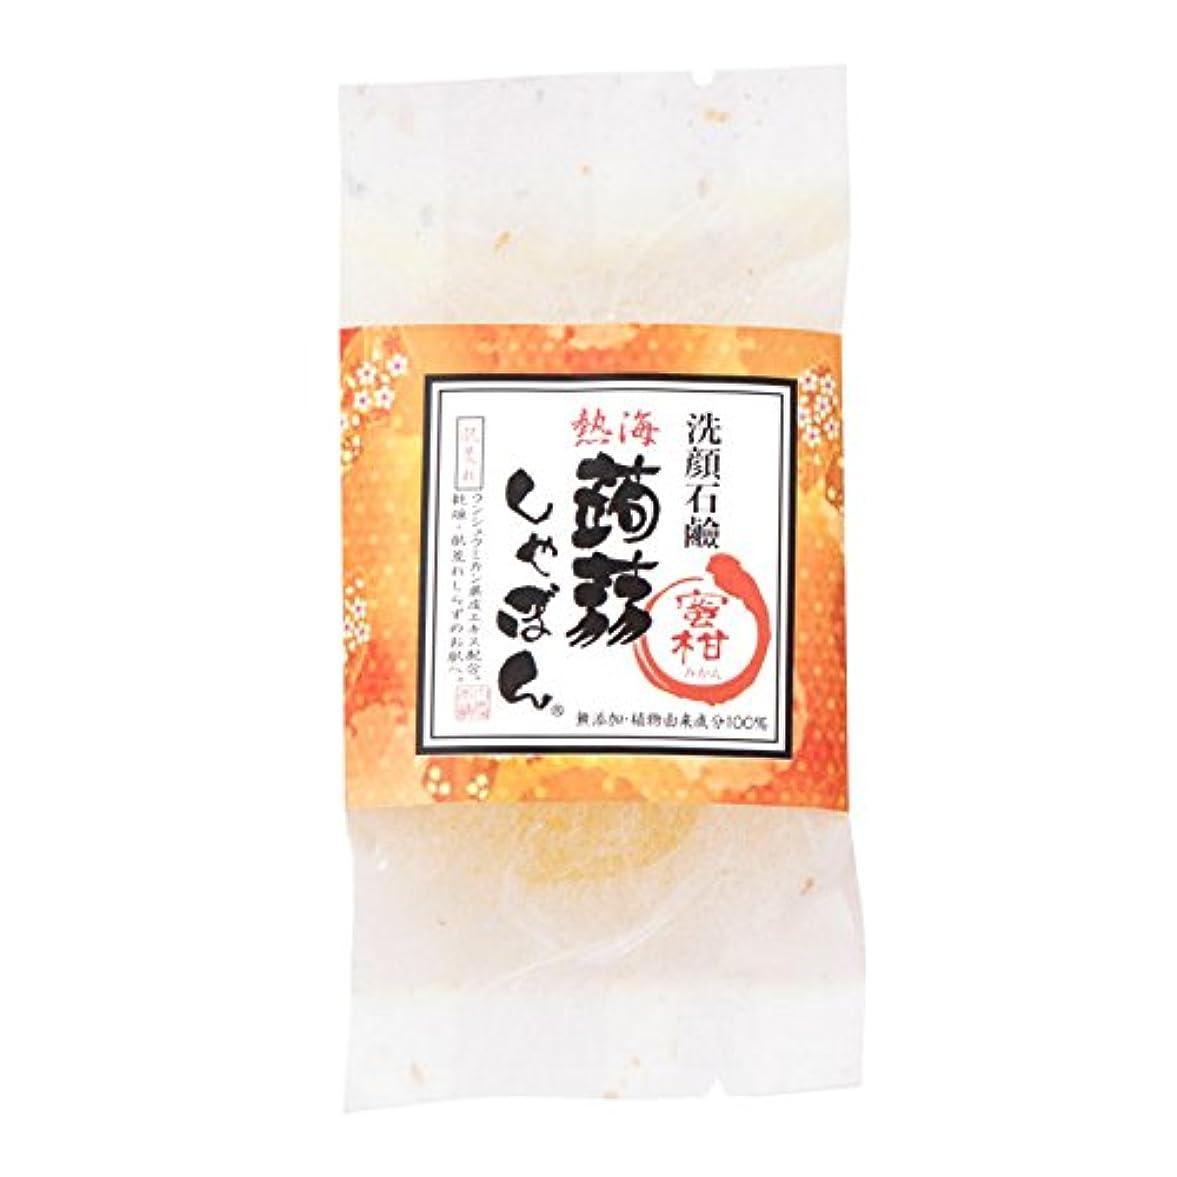 悲惨バブル試みる熱海蒟蒻しゃぼん熱海 蜜柑(みかん)